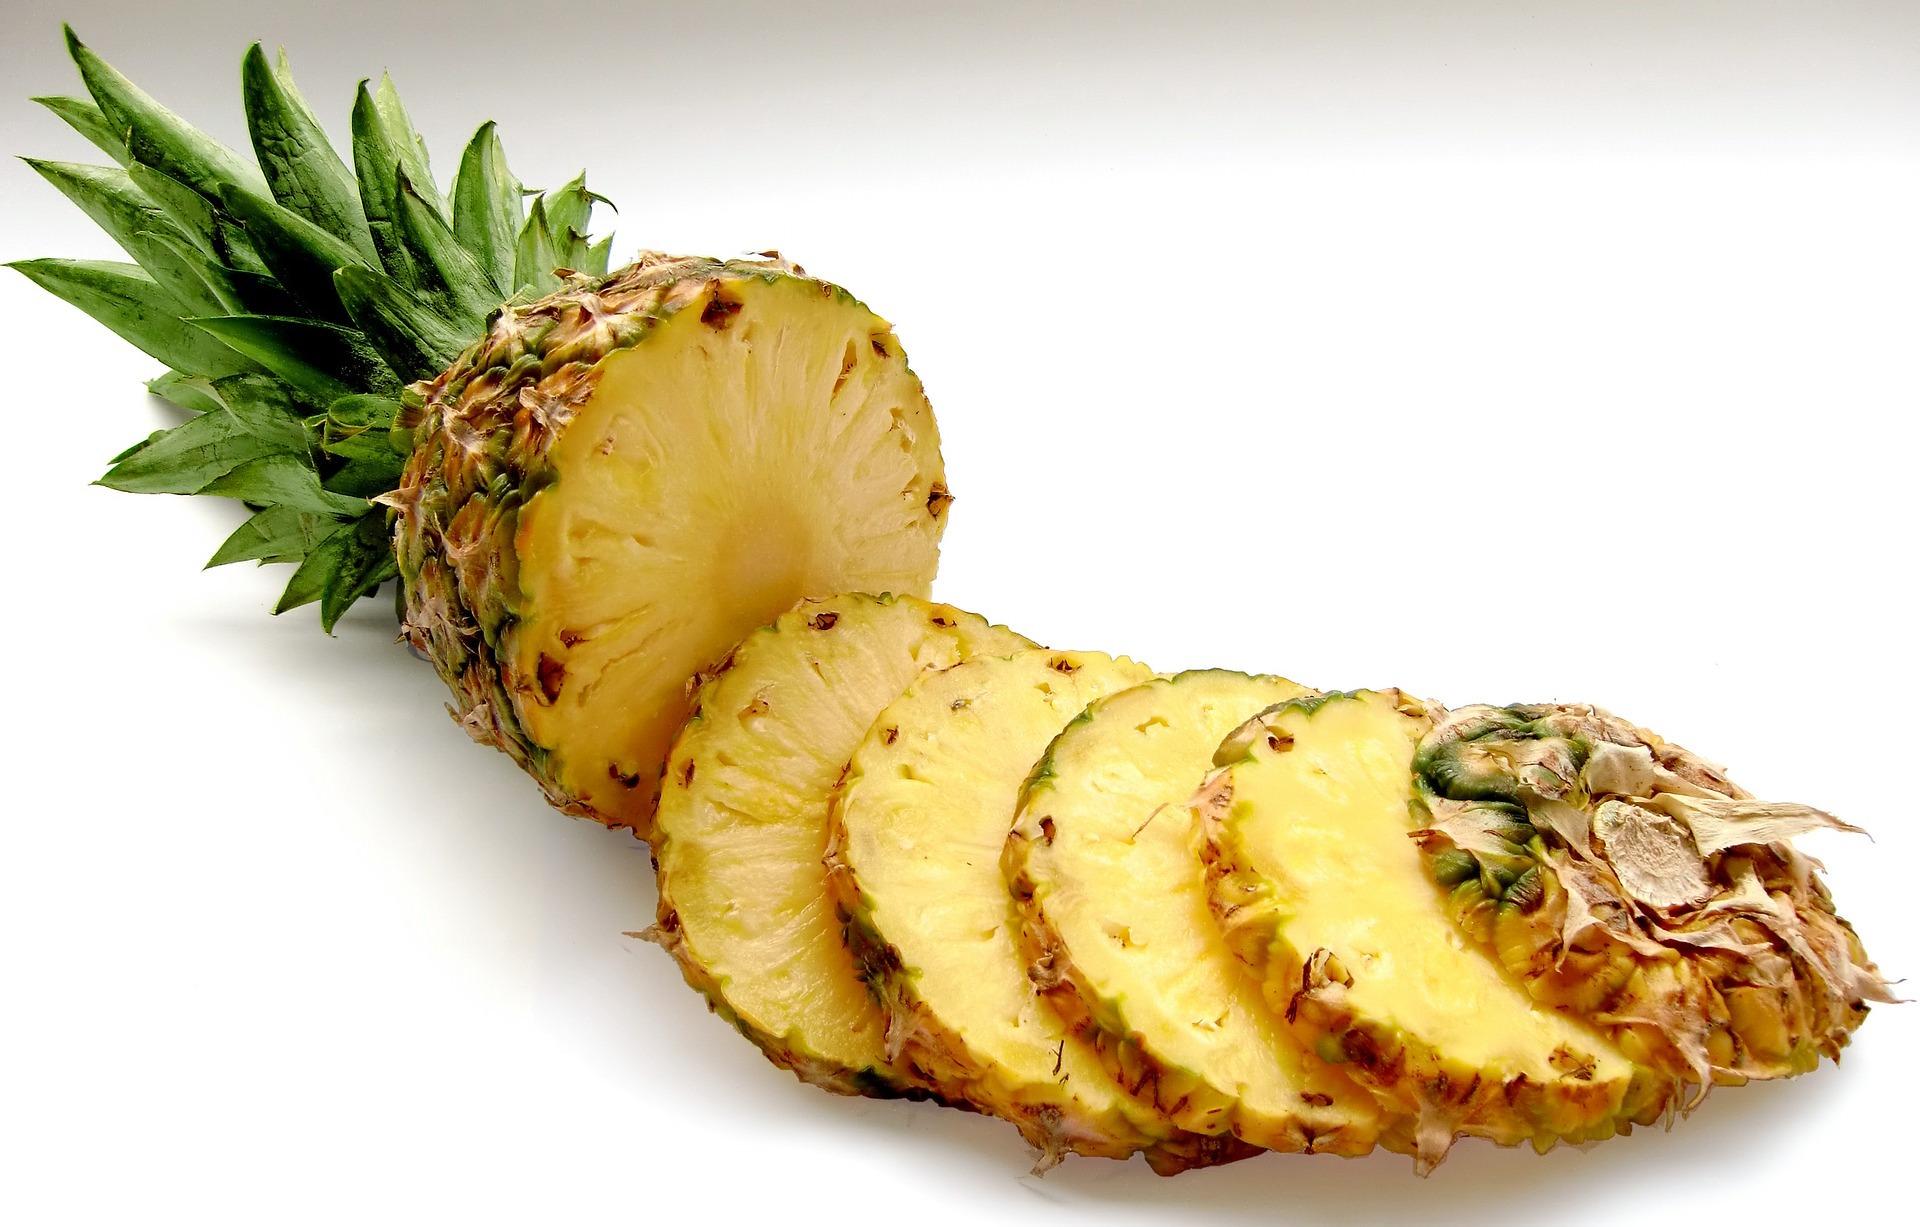 「為什麼吃鳳梨會咬舌頭?」4 個技巧,教你如何避免鳳梨刮舌!